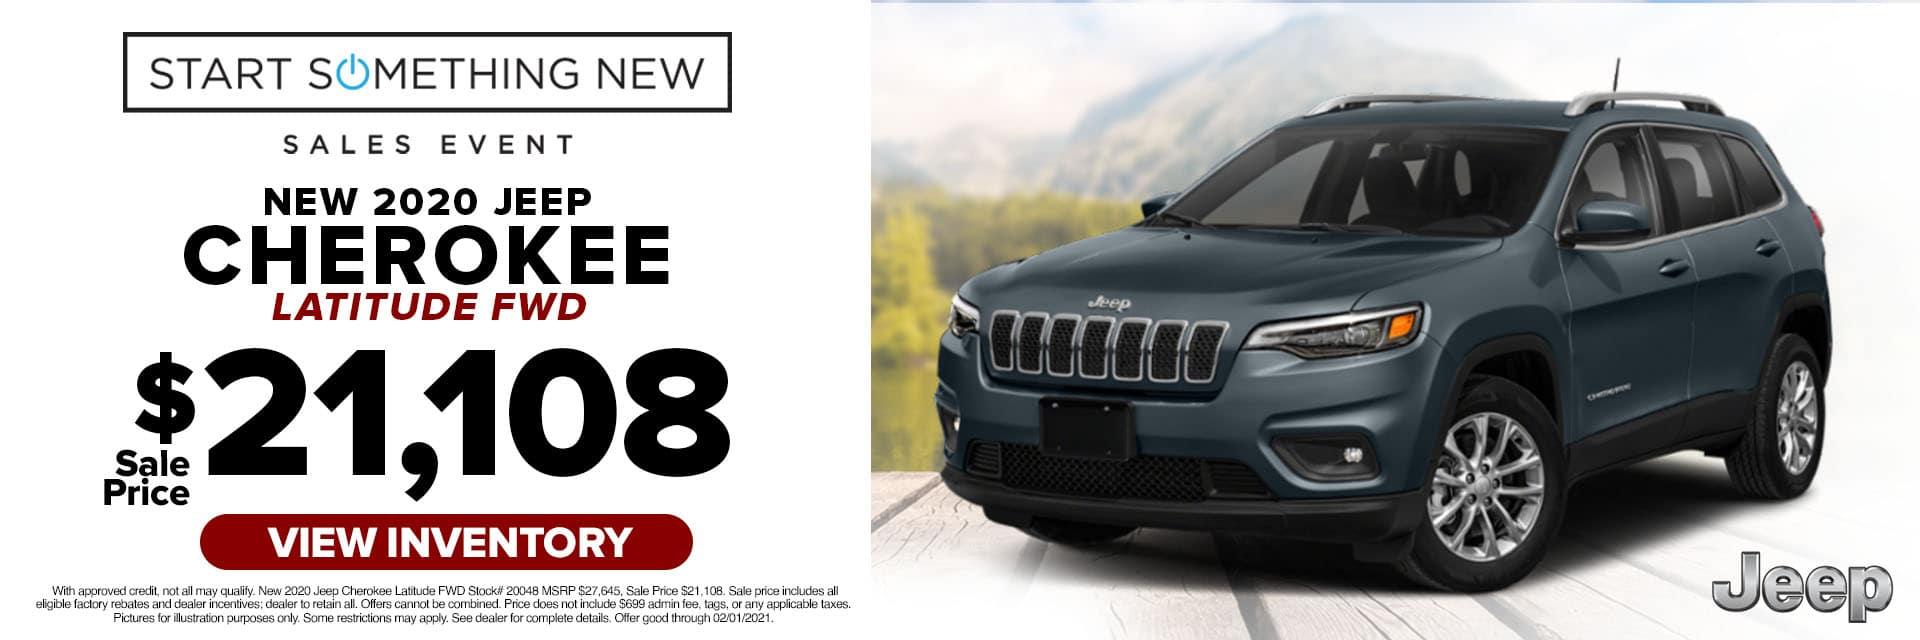 CLGO-January 2021-2020 Jeep Cherokee